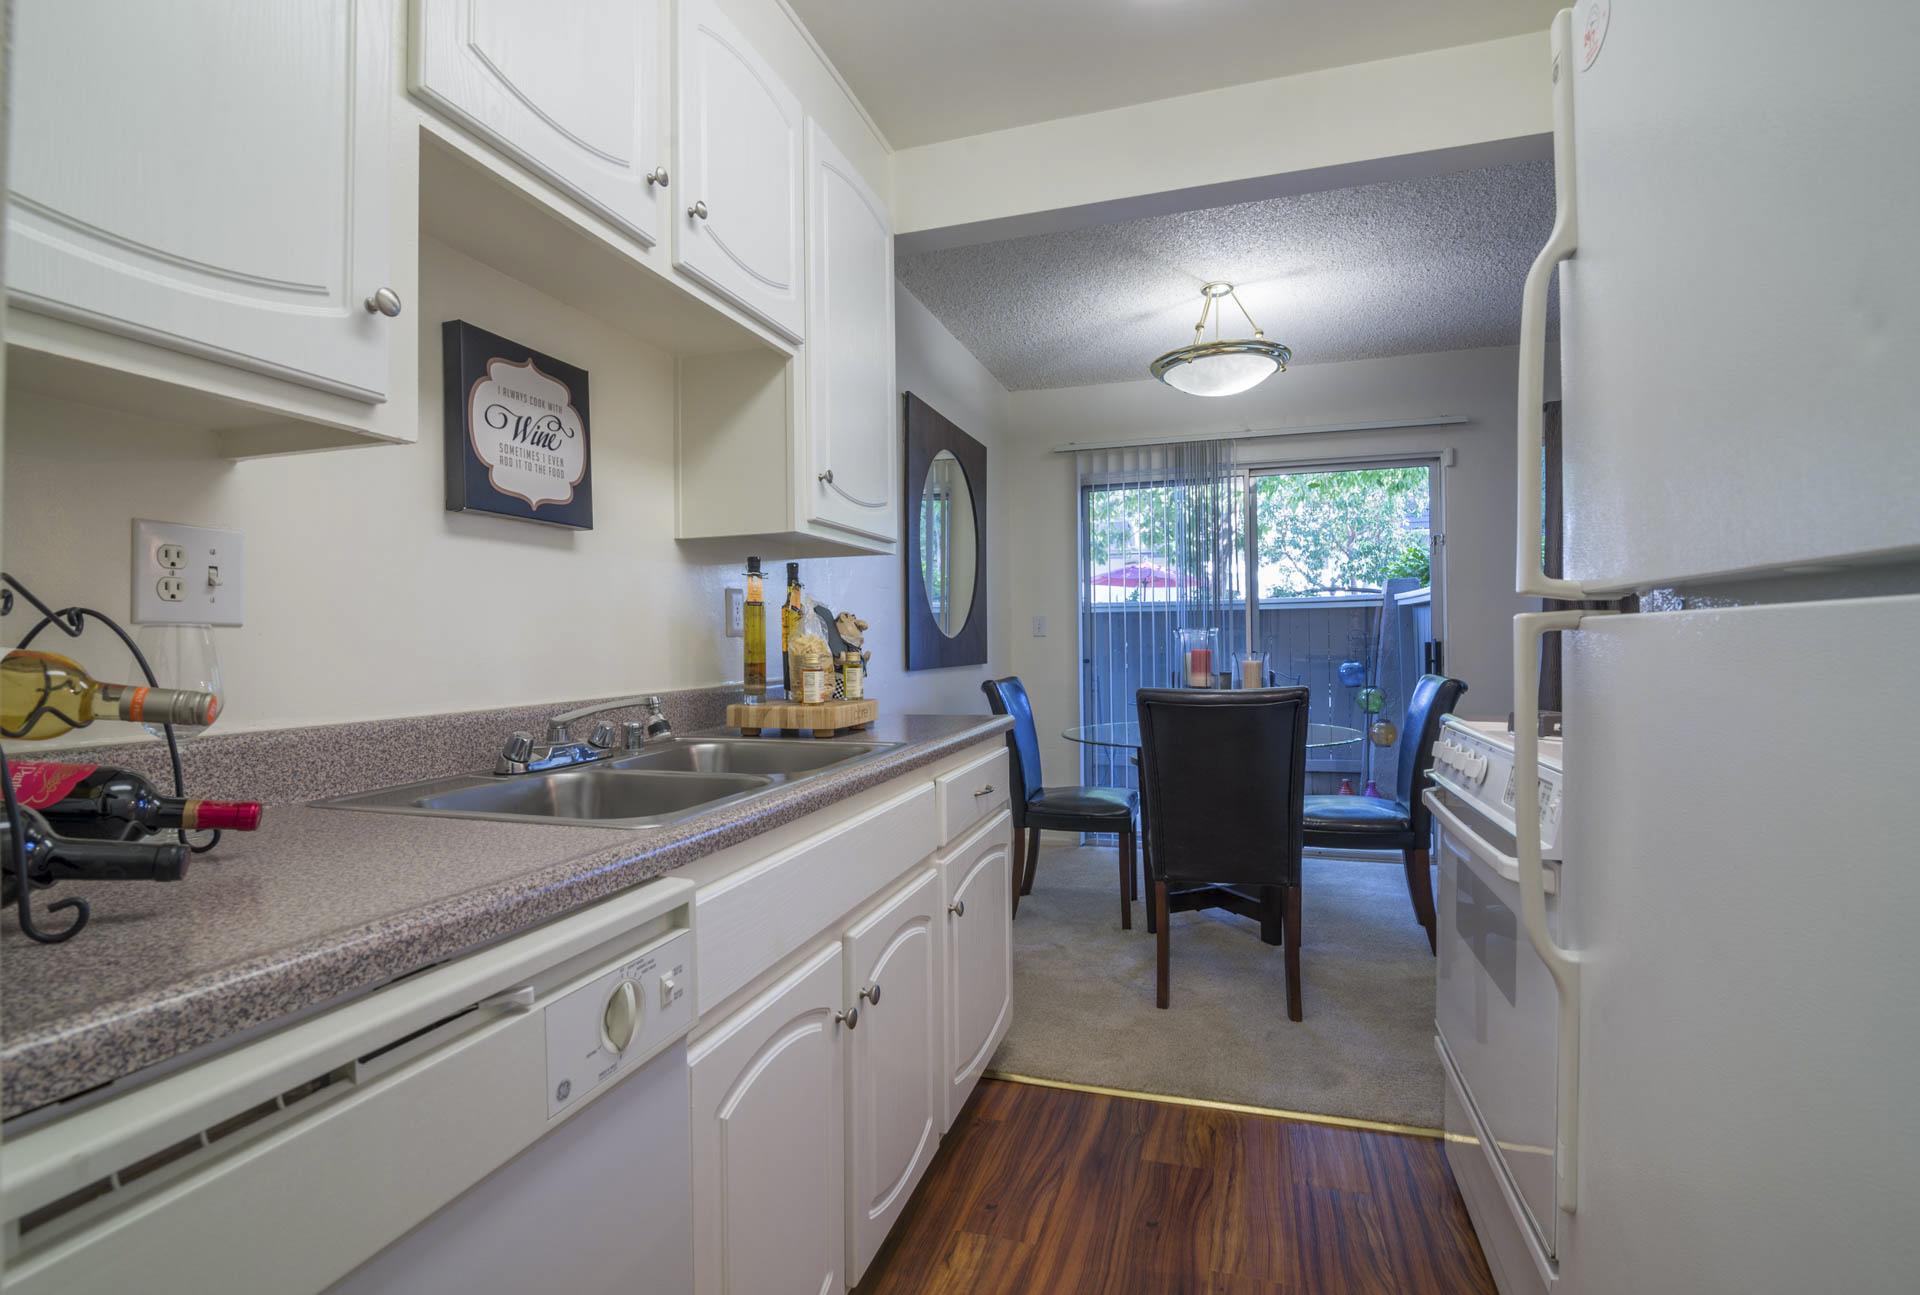 Hillcrest Park - Newbury Park, CA Apartments for rent